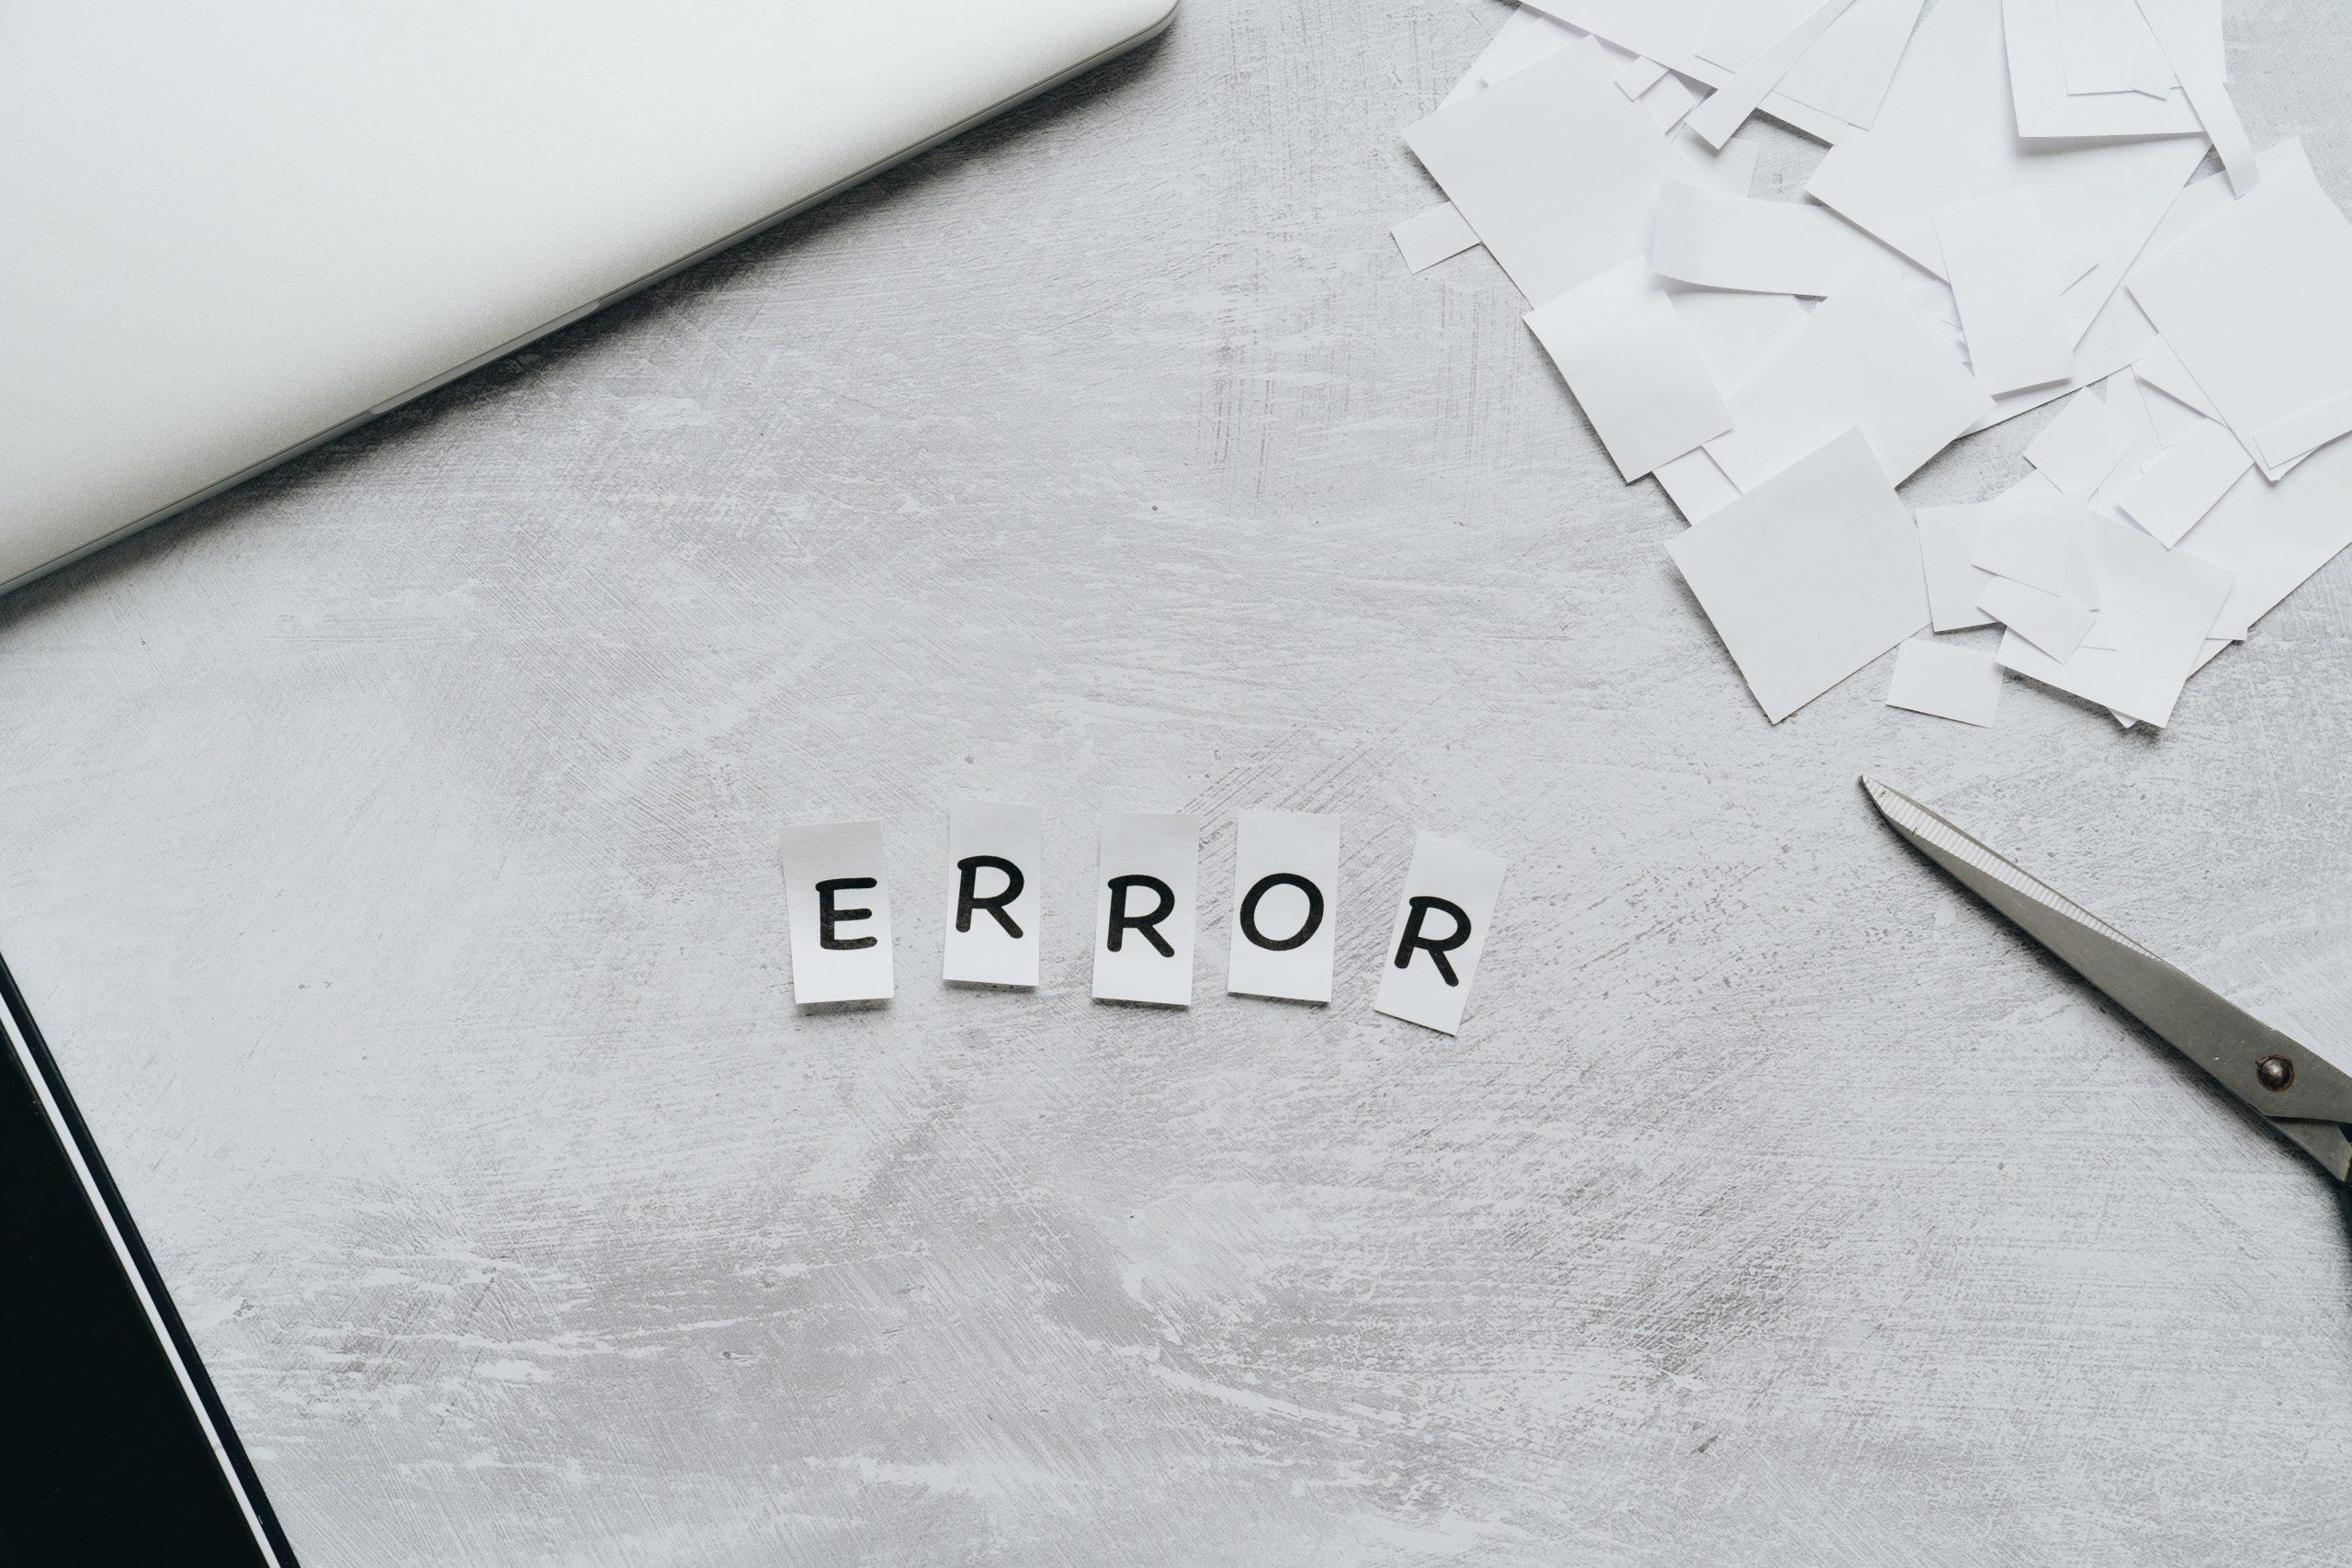 【トラブル解決】ワードプレスのfunctions.phpを編集したらエラーが起きた時の対処法